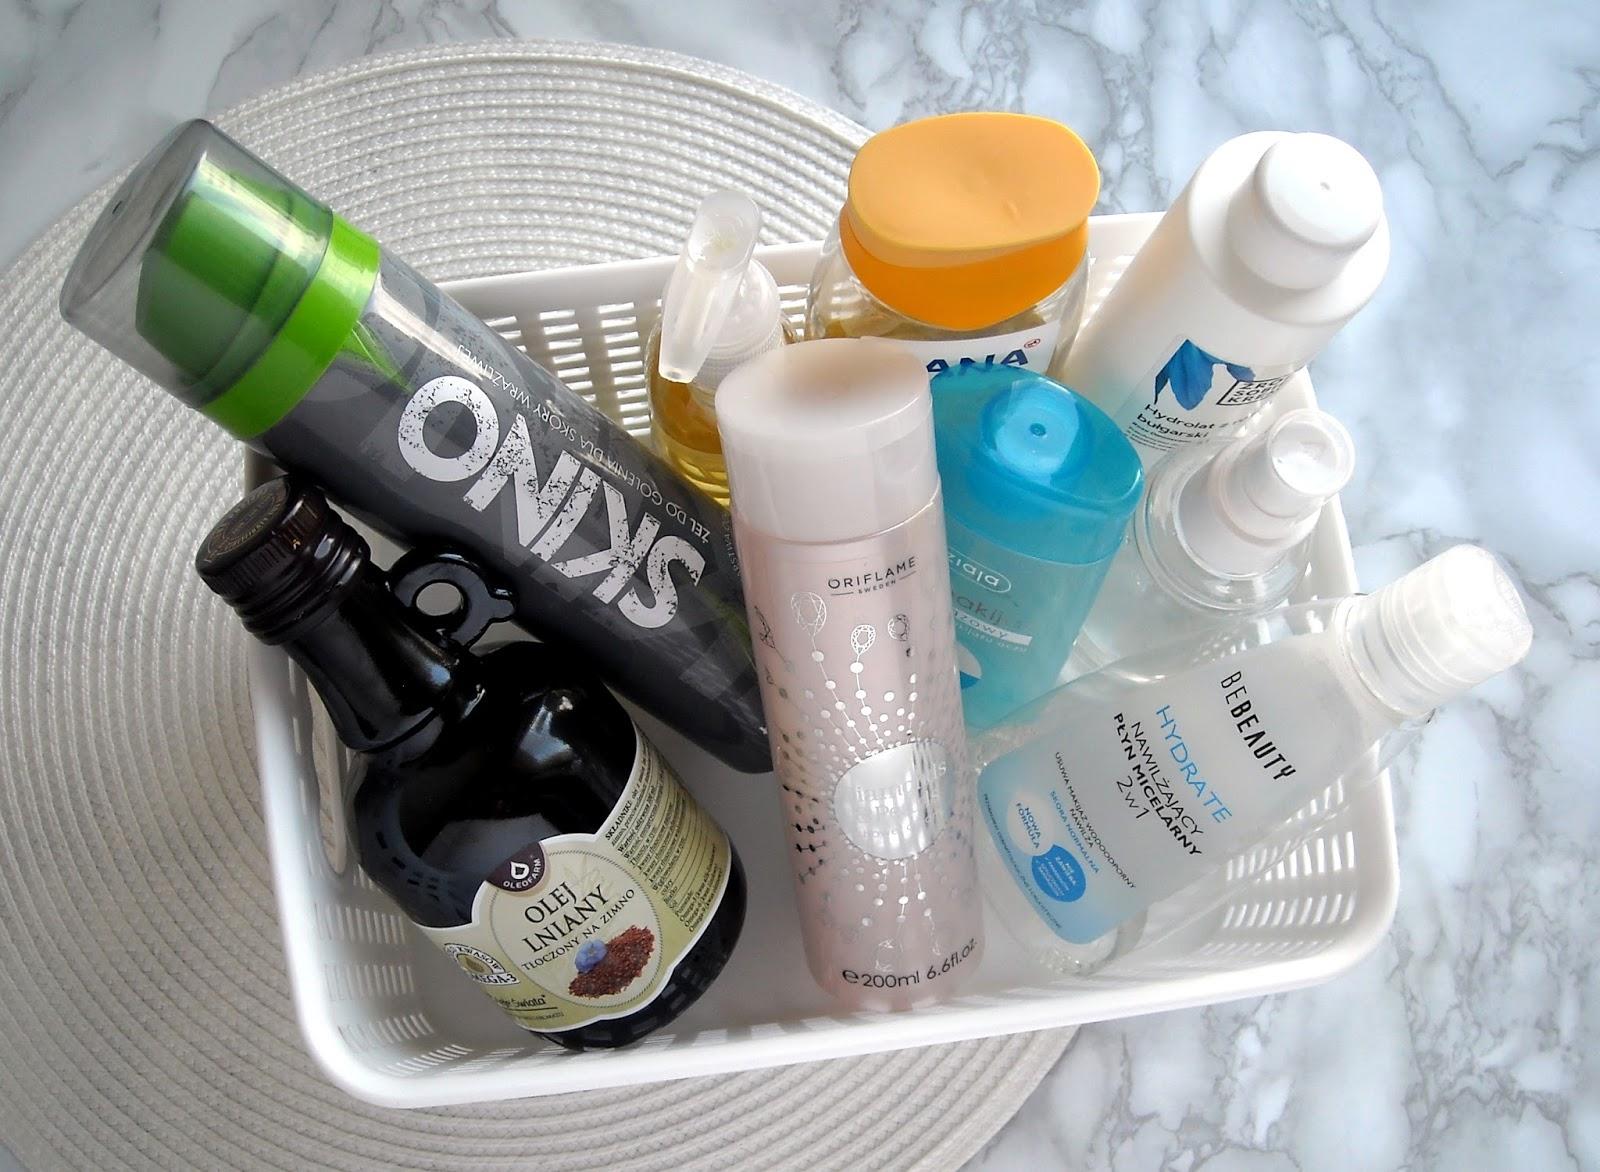 Denko kosmetyczne, czyli krótkie recenzje produktów